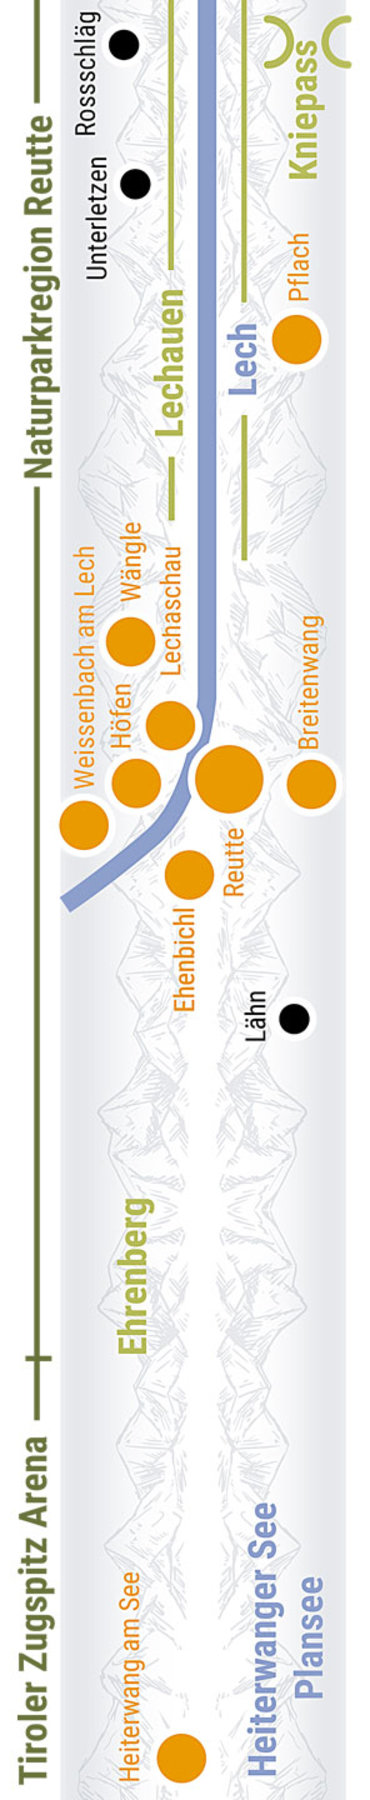 Übersichtskarte rechts Teilabschnitt 11 Reuttener Becken, Ehrenberg